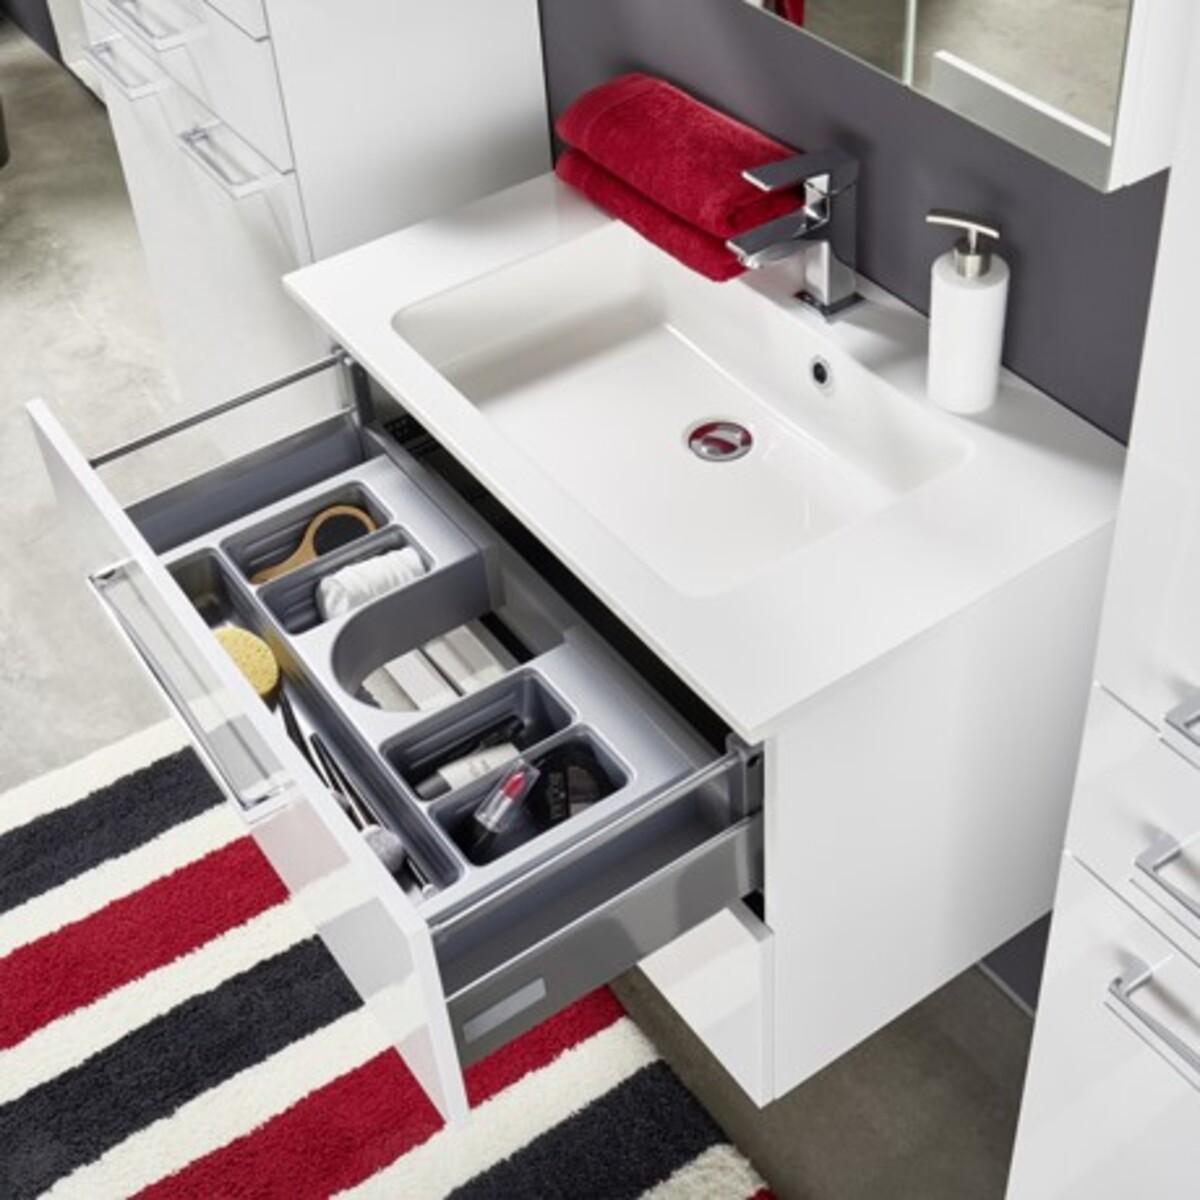 Bild 2 von Bad-Waschtisch inkl. Mineralguss-Waschbecken